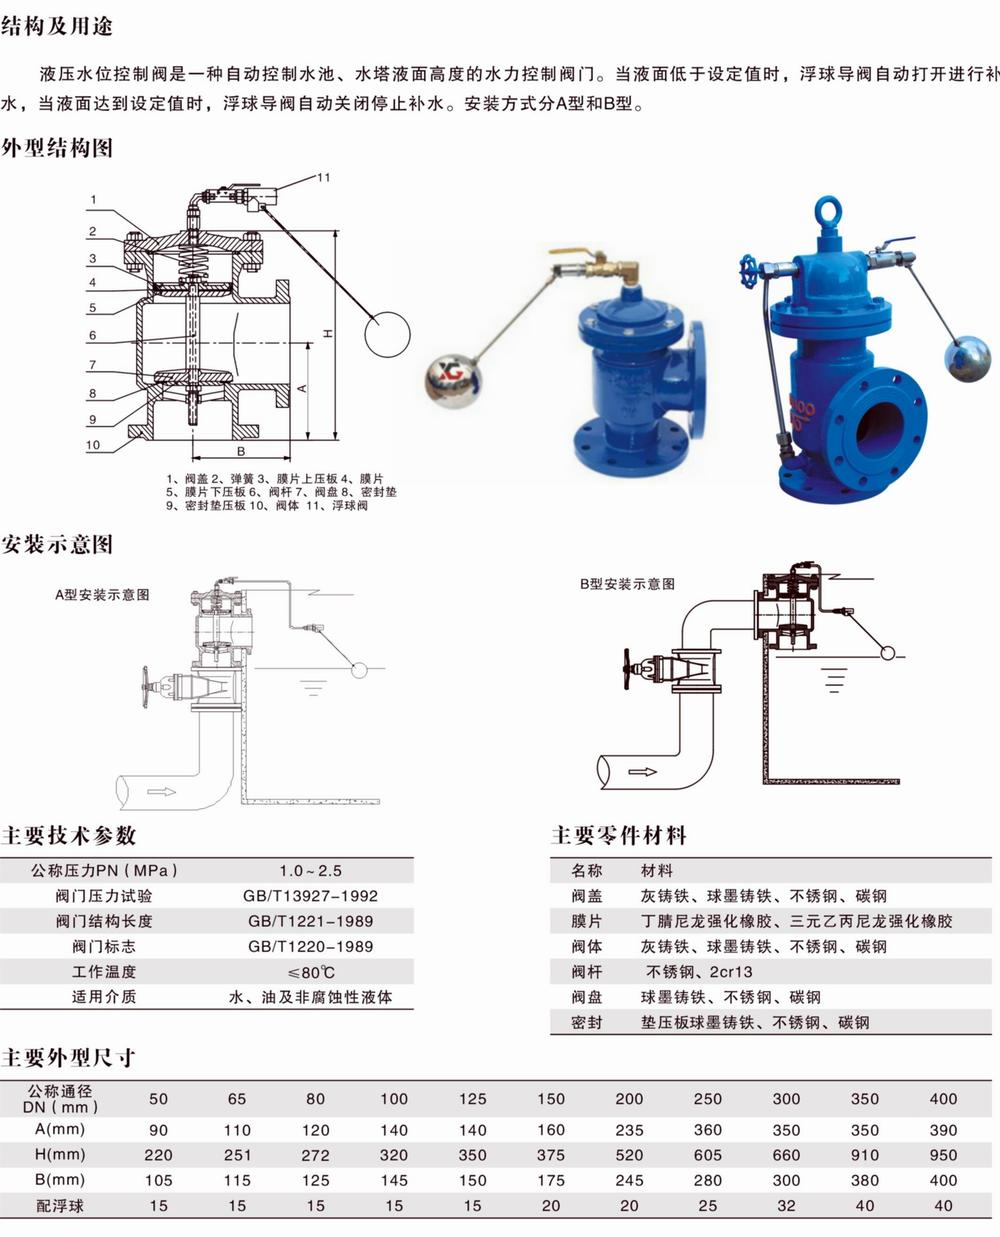 液压水位控制阀,h142x液压控制阀尺寸结构图